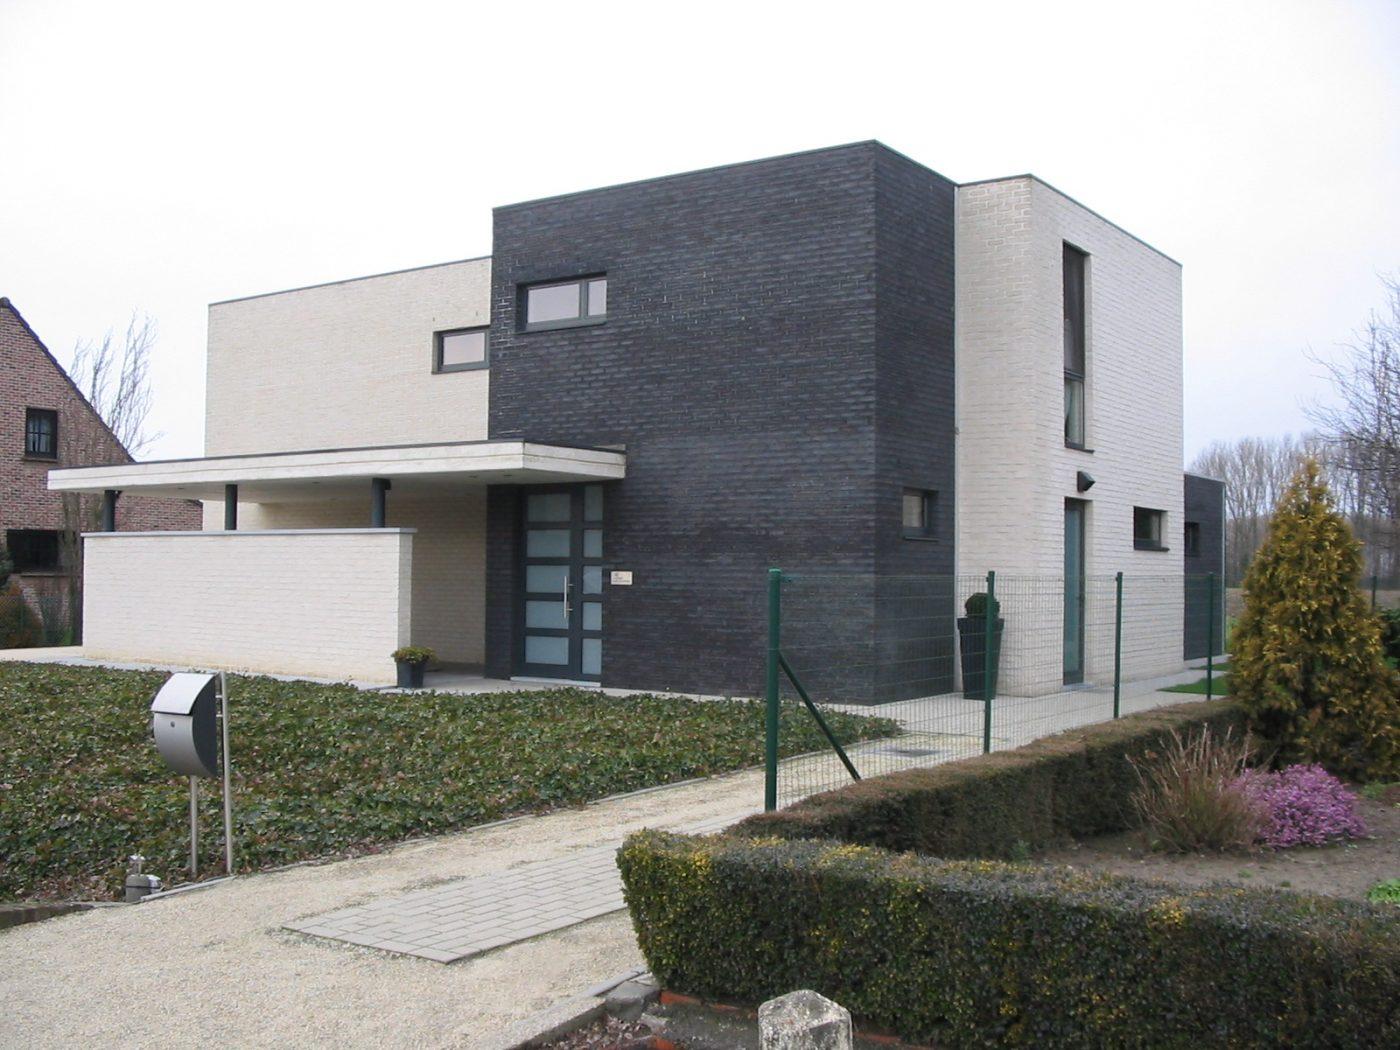 Prijs sleutel op de deur woning dak for Afbeelding van moderne huizen